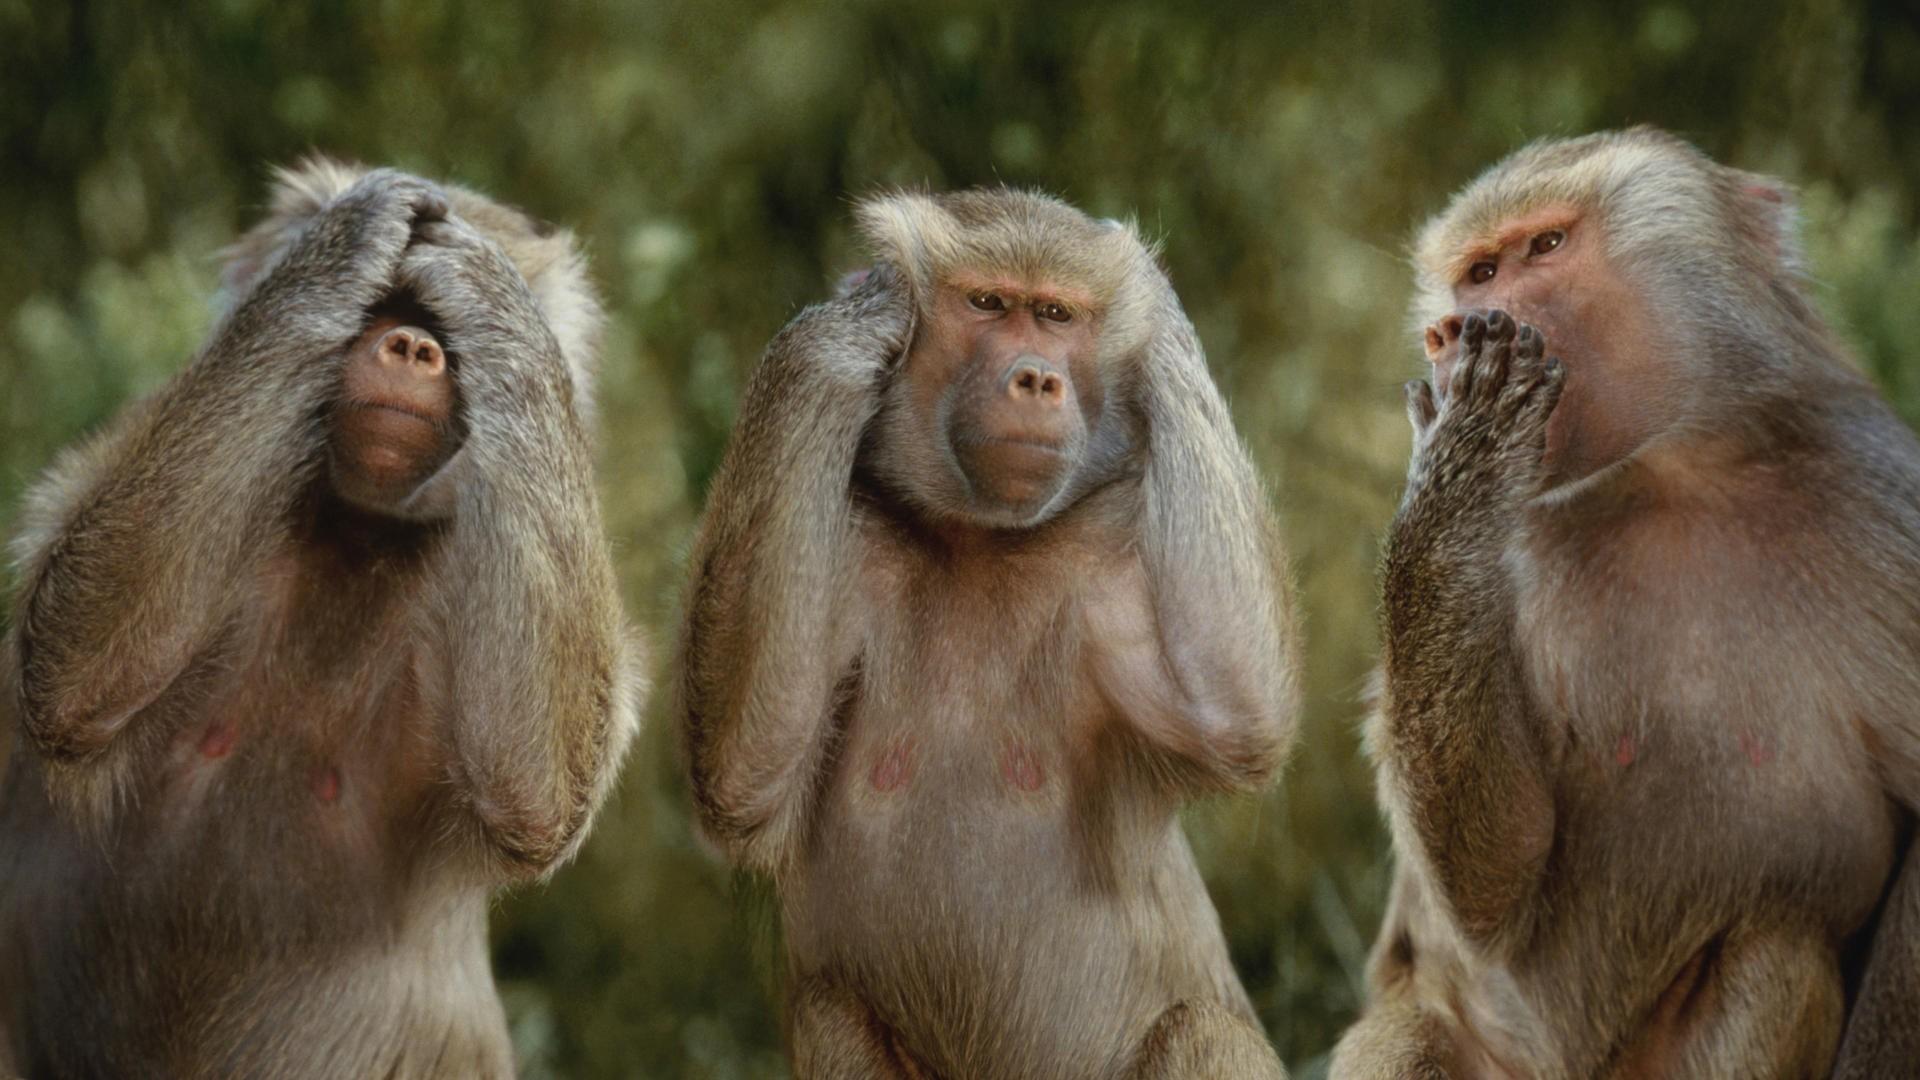 monkey funny